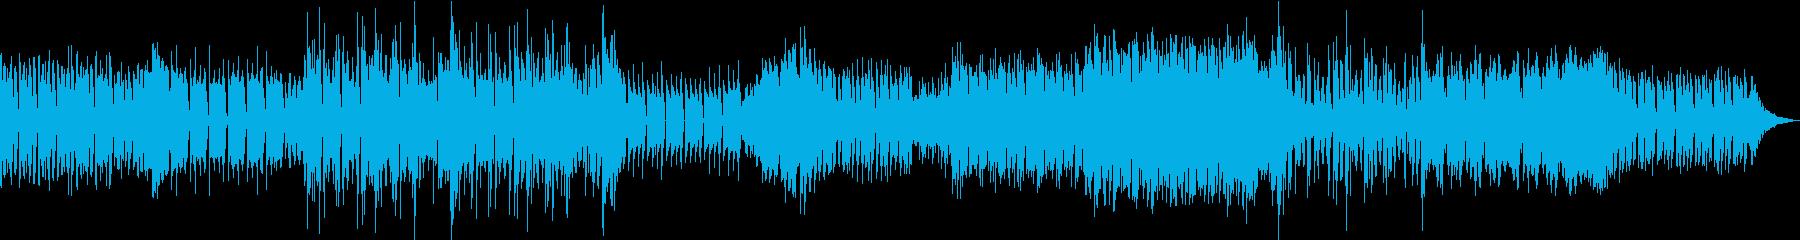 場面転換の多いフューチャー系EDMの再生済みの波形